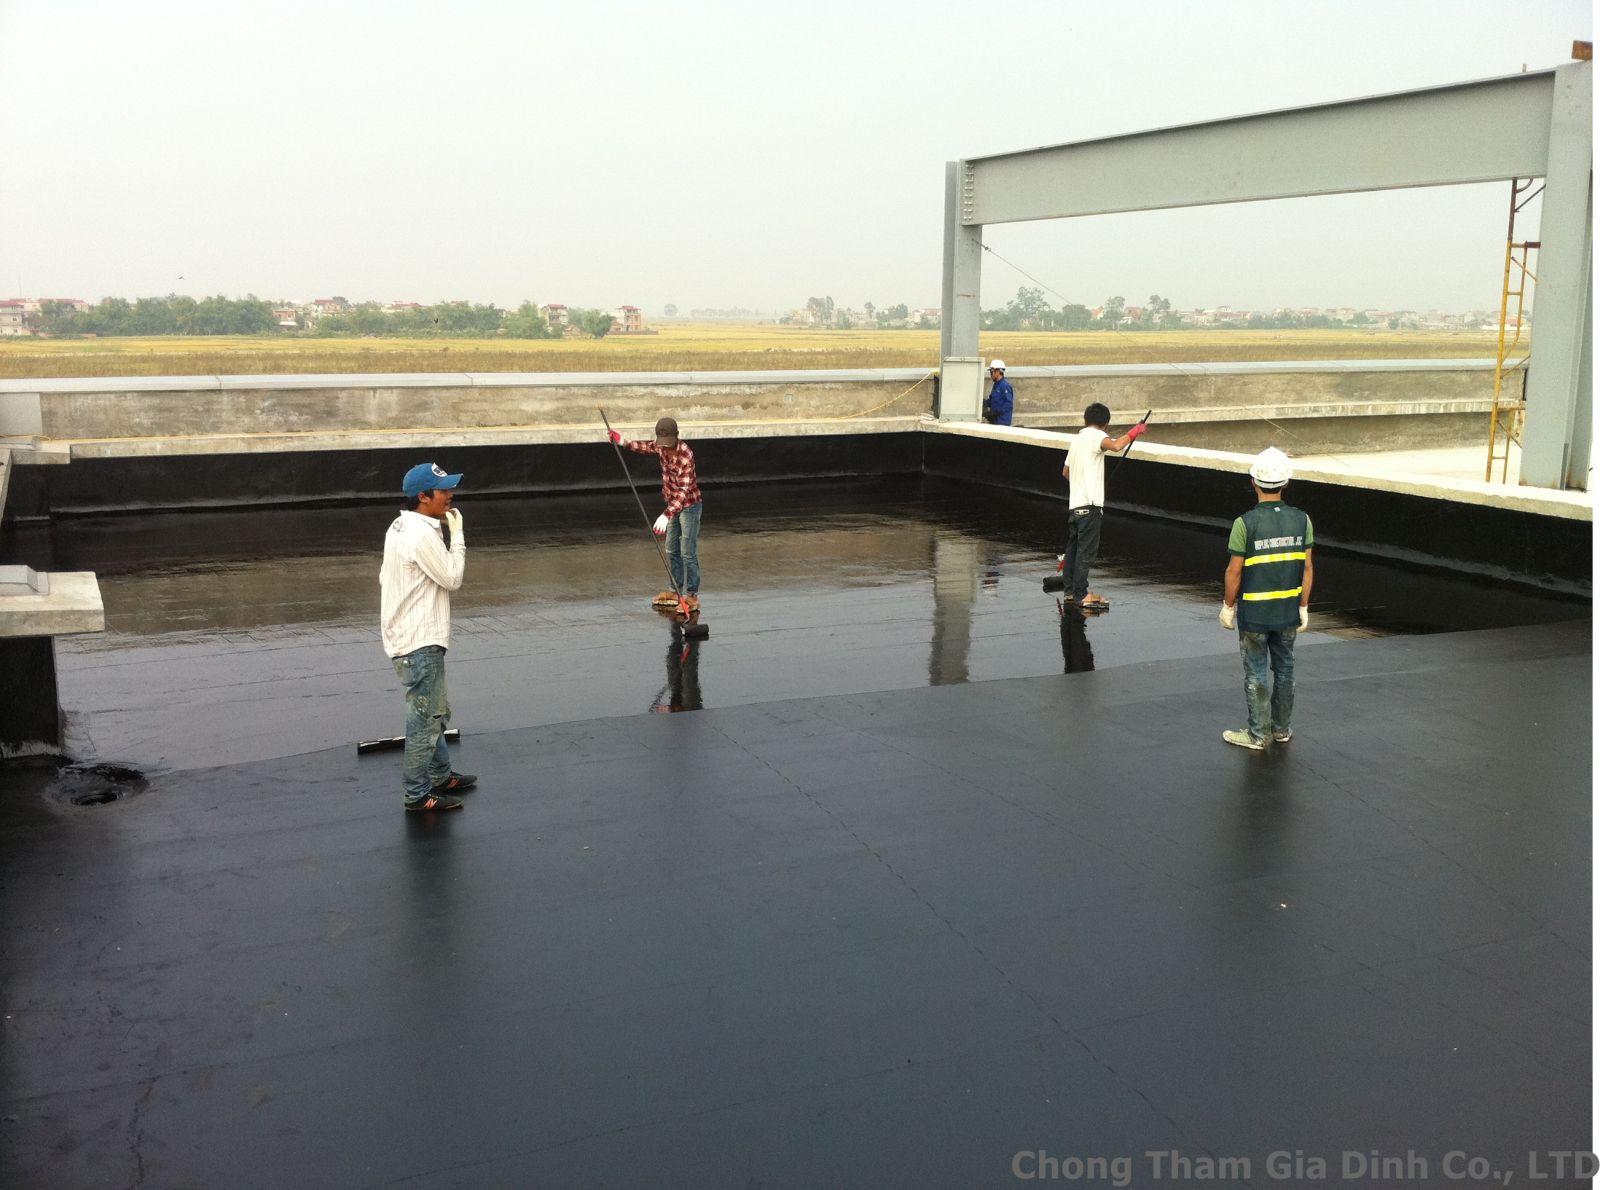 Chuyên sửa chữa chống thấm quận 2 - Chống thấm màng khò - Chống dột mái tôn - Thấm tường nhà Tại Hcm